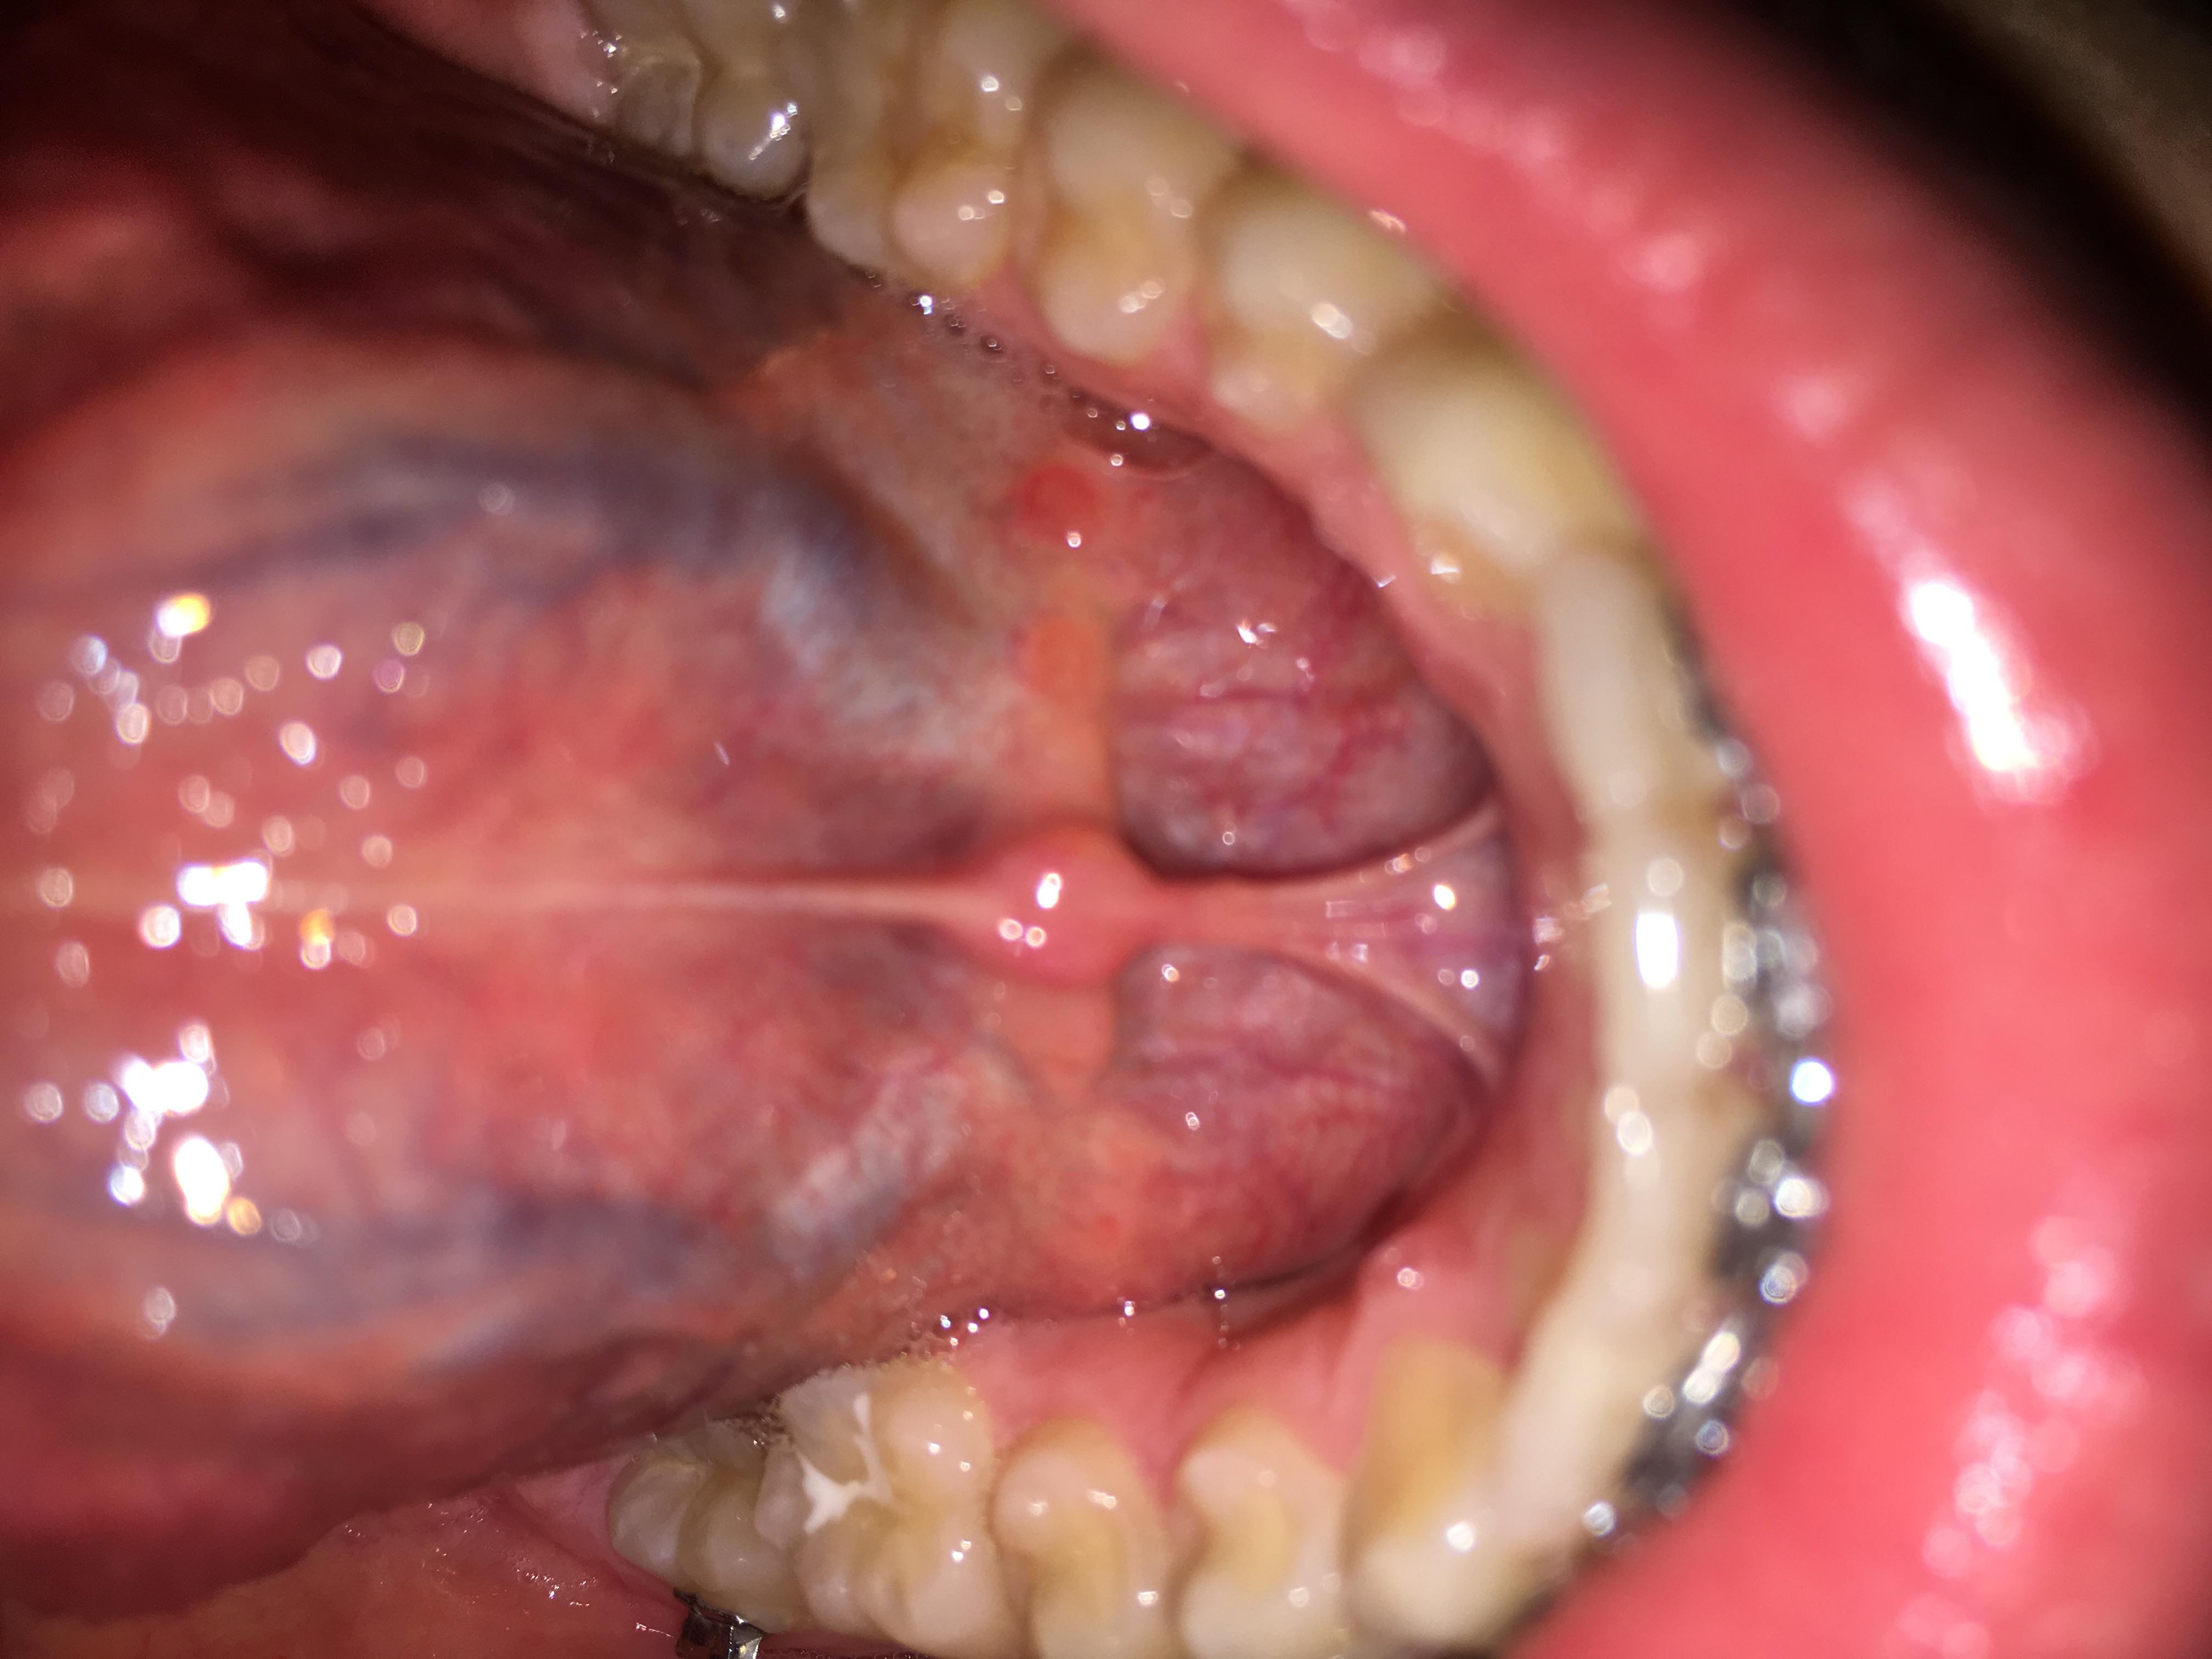 Ausgezeichnet Unterseite Der Zunge Anatomie Ideen - Anatomie Von ...